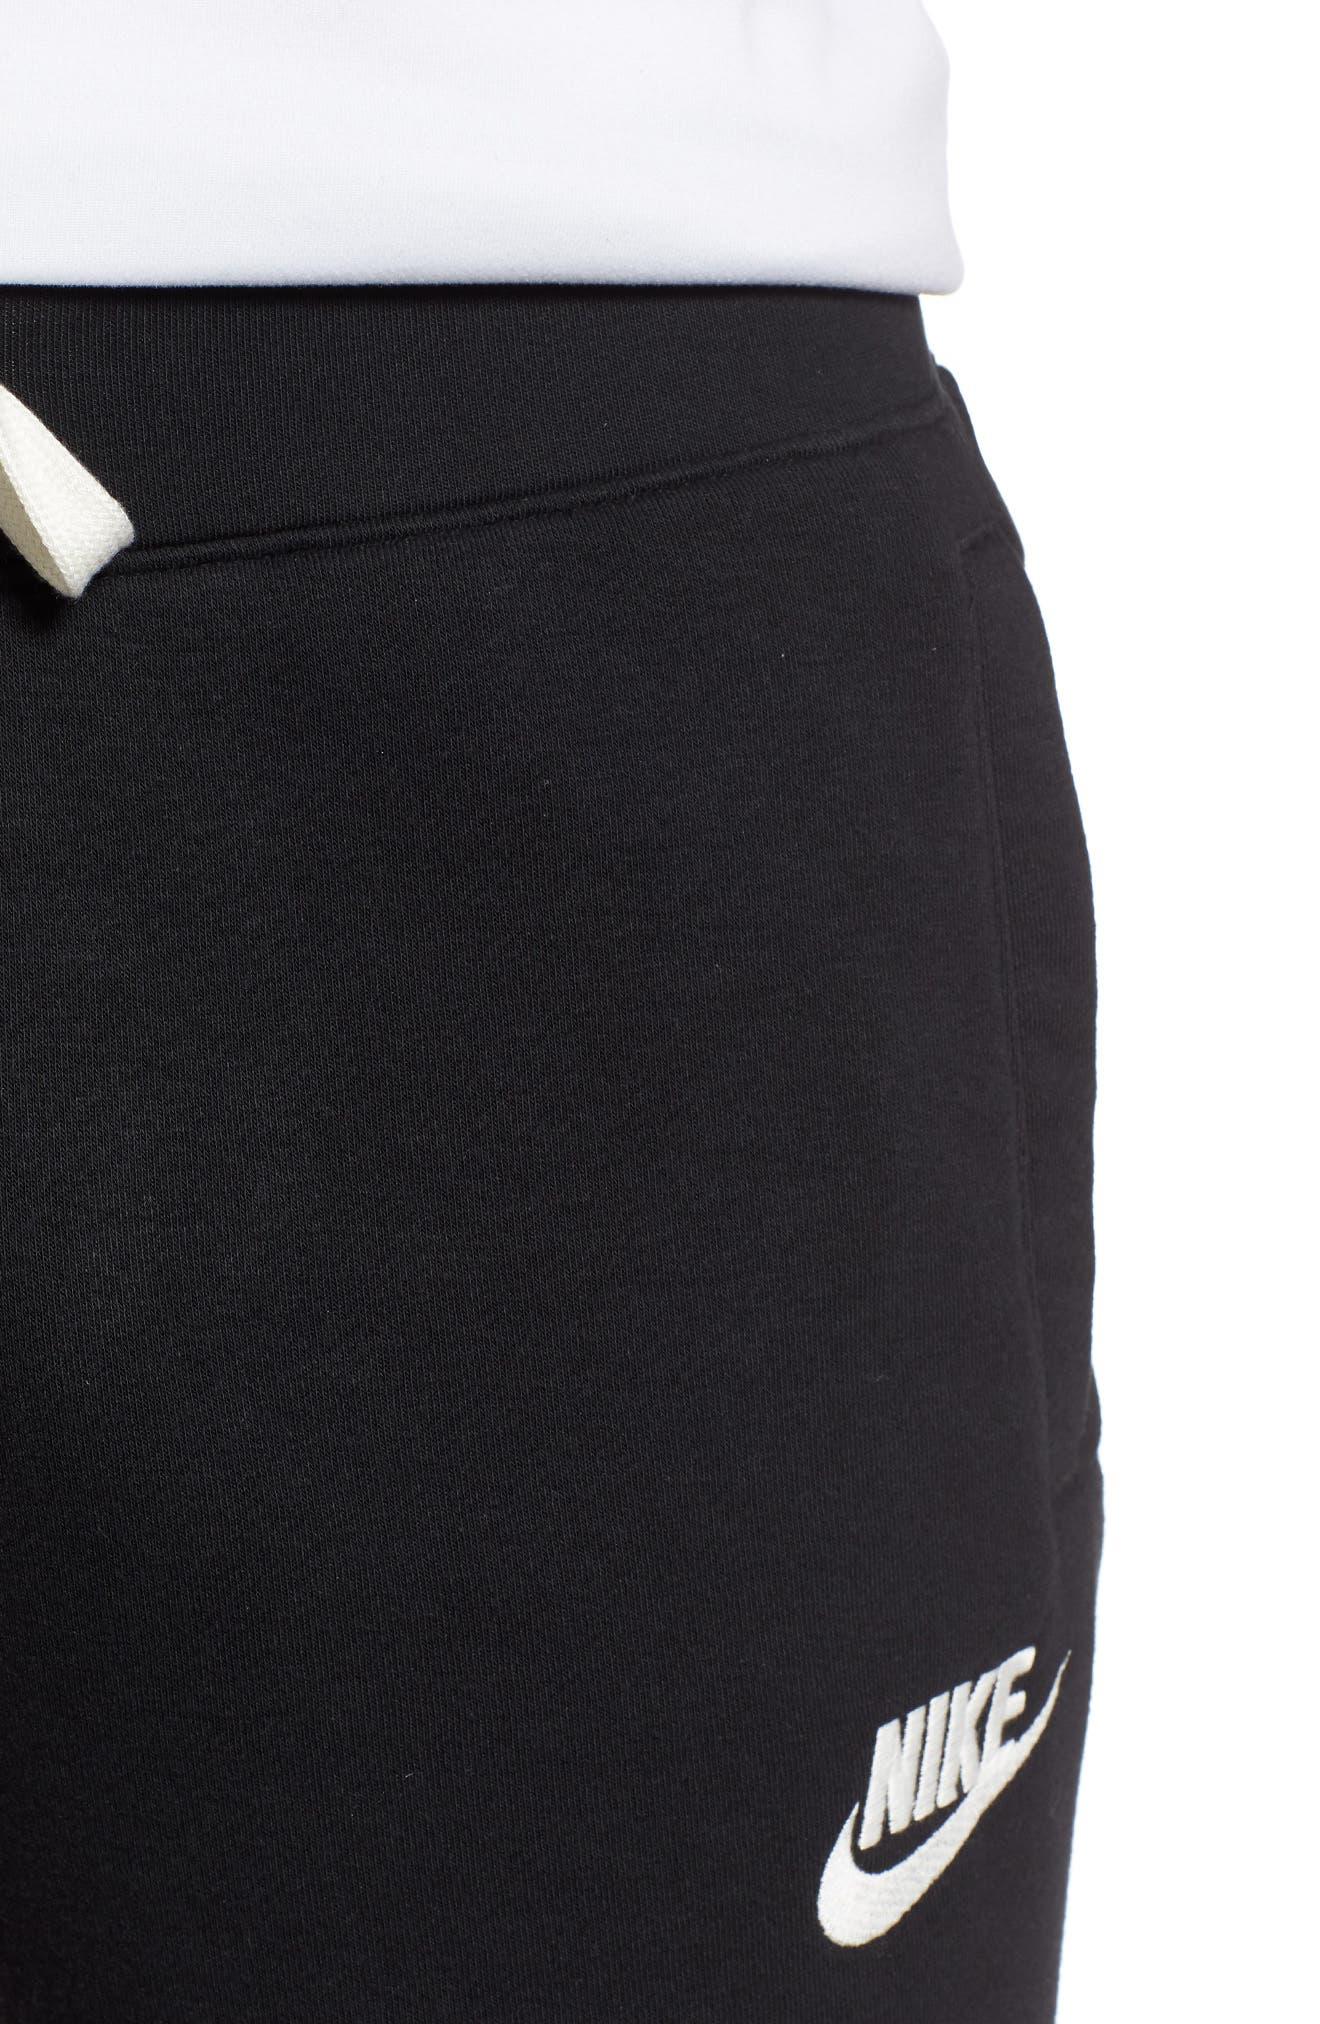 Heritage Knit Shorts,                             Alternate thumbnail 4, color,                             BLACK/ SAIL